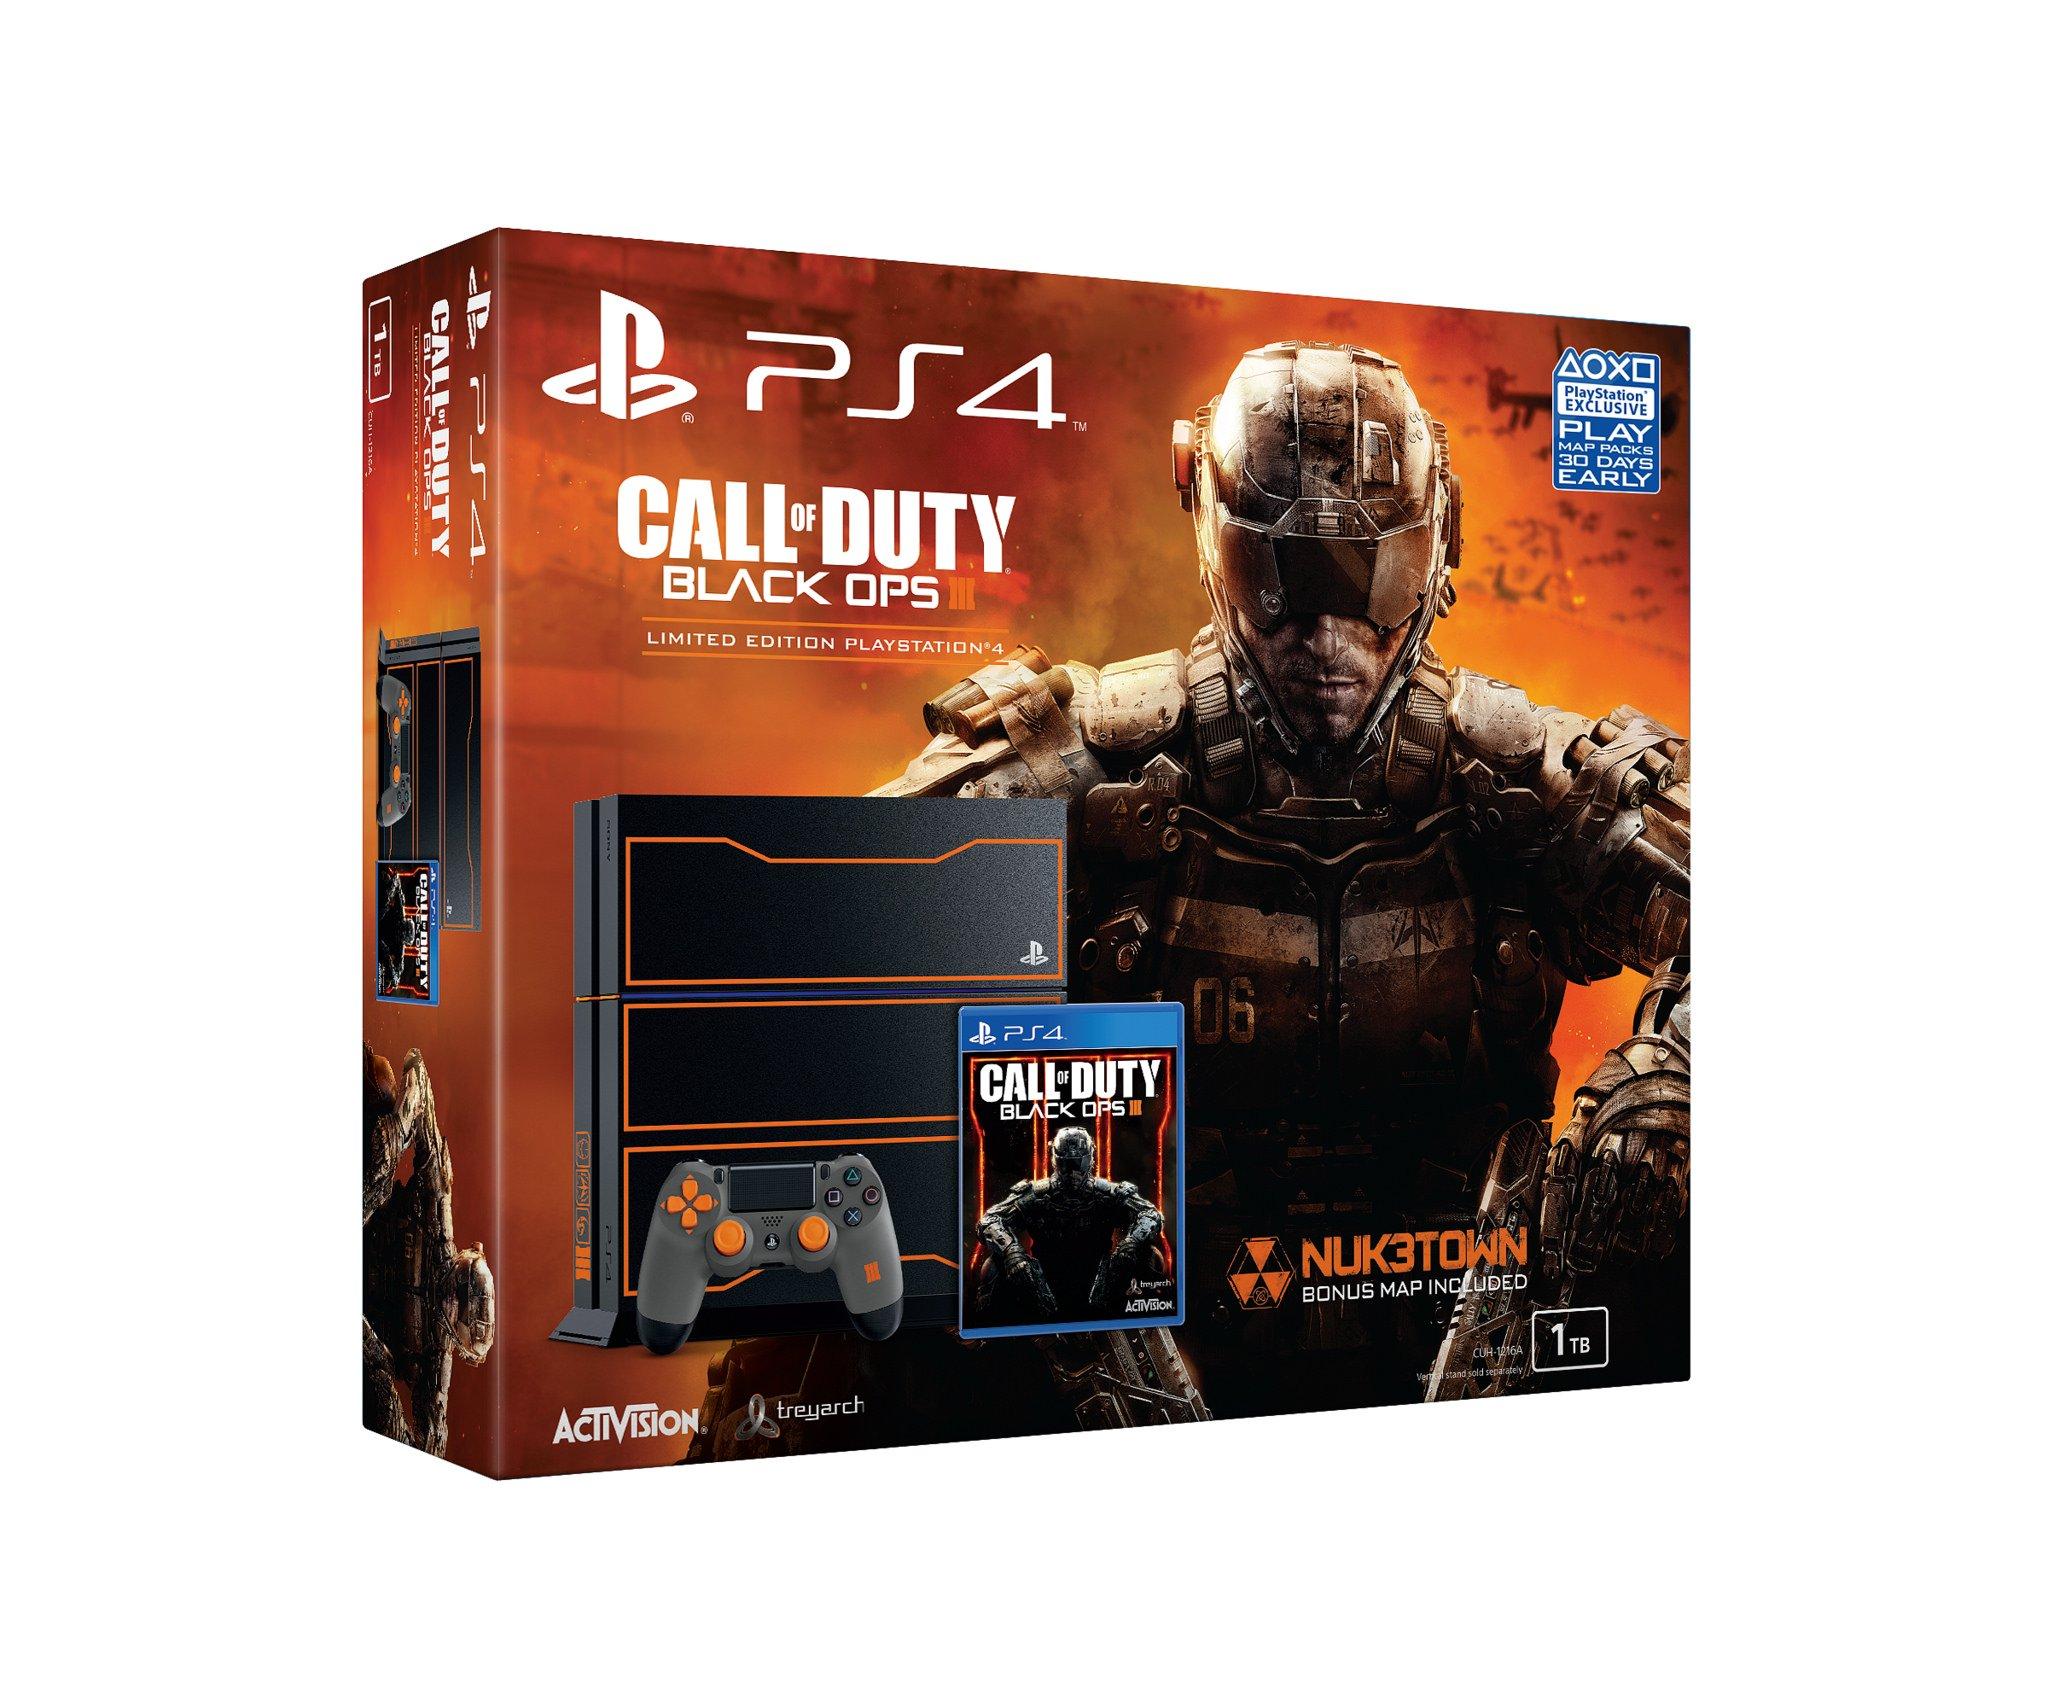 Сони и Активижин анонсировали бандл PS4 и Cod Black Ops III. - Изображение 3